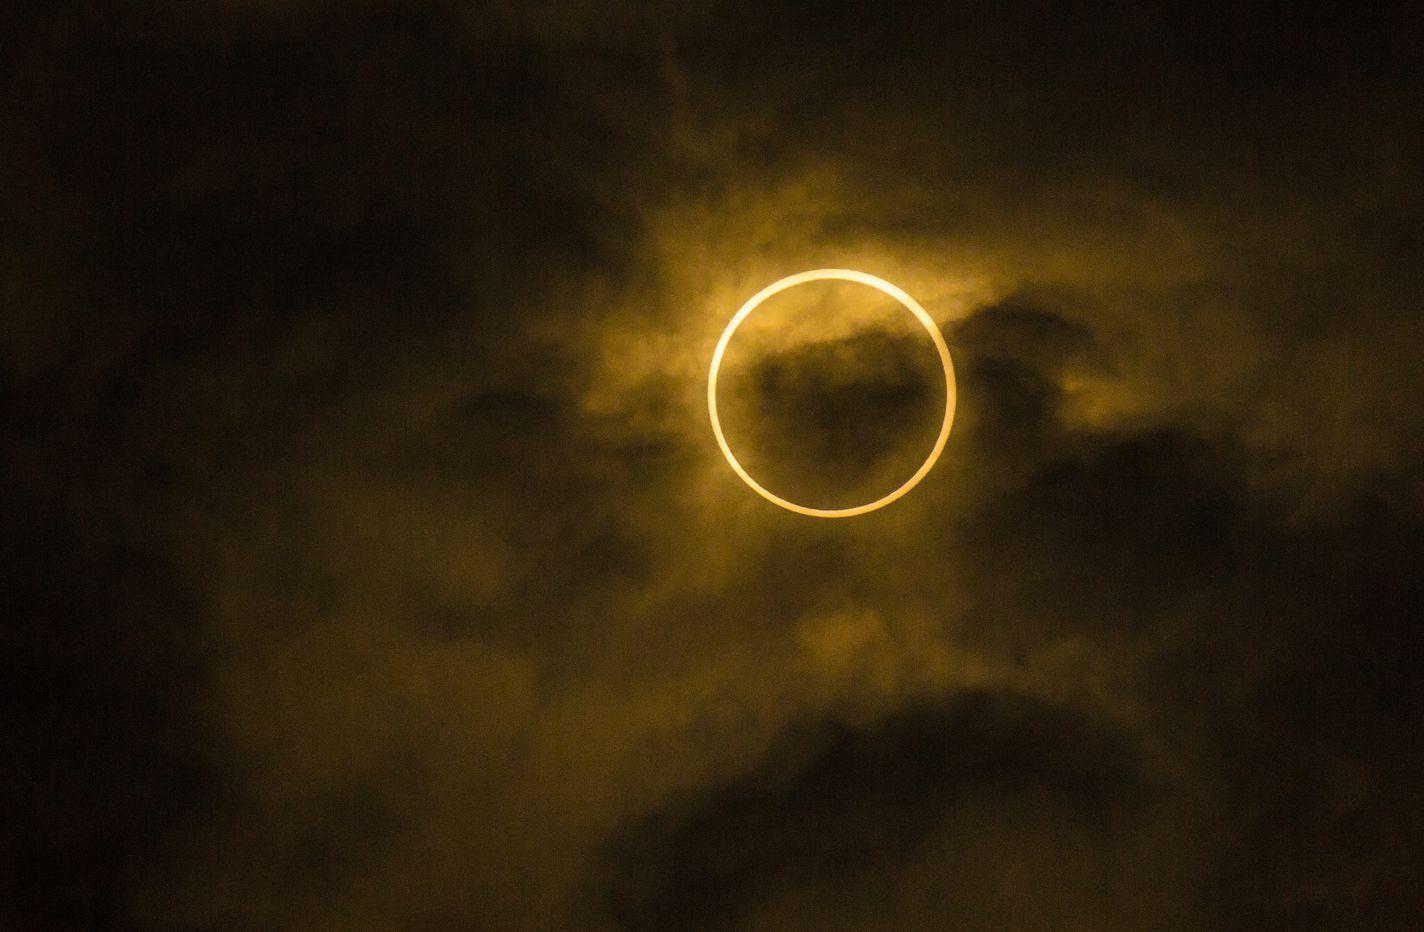 solareclipse100526609orig100693873orig